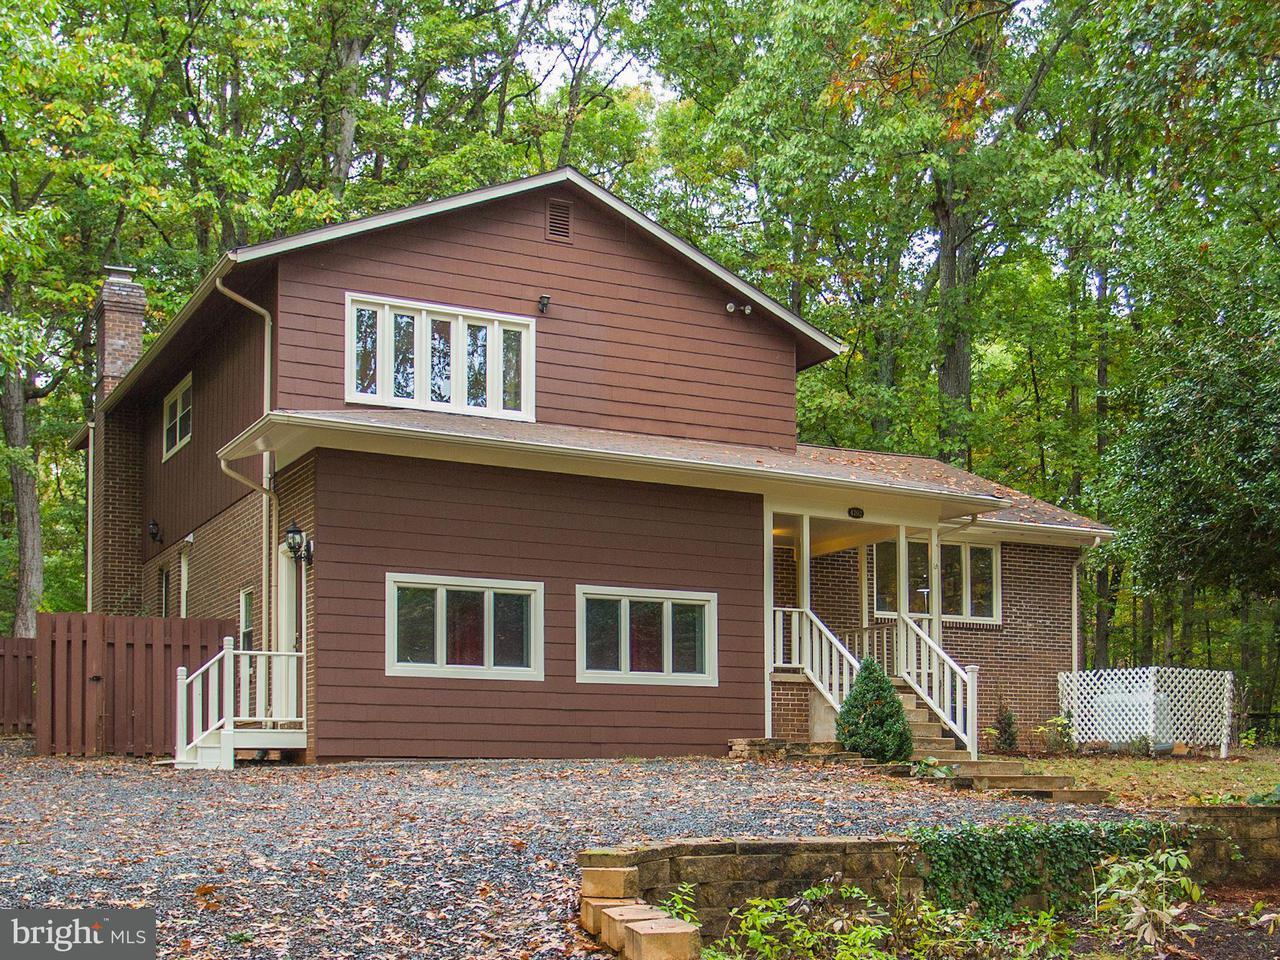 一戸建て のために 売買 アット 4202 SAINT STEPHENS Court 4202 SAINT STEPHENS Court Catlett, バージニア 20119 アメリカ合衆国